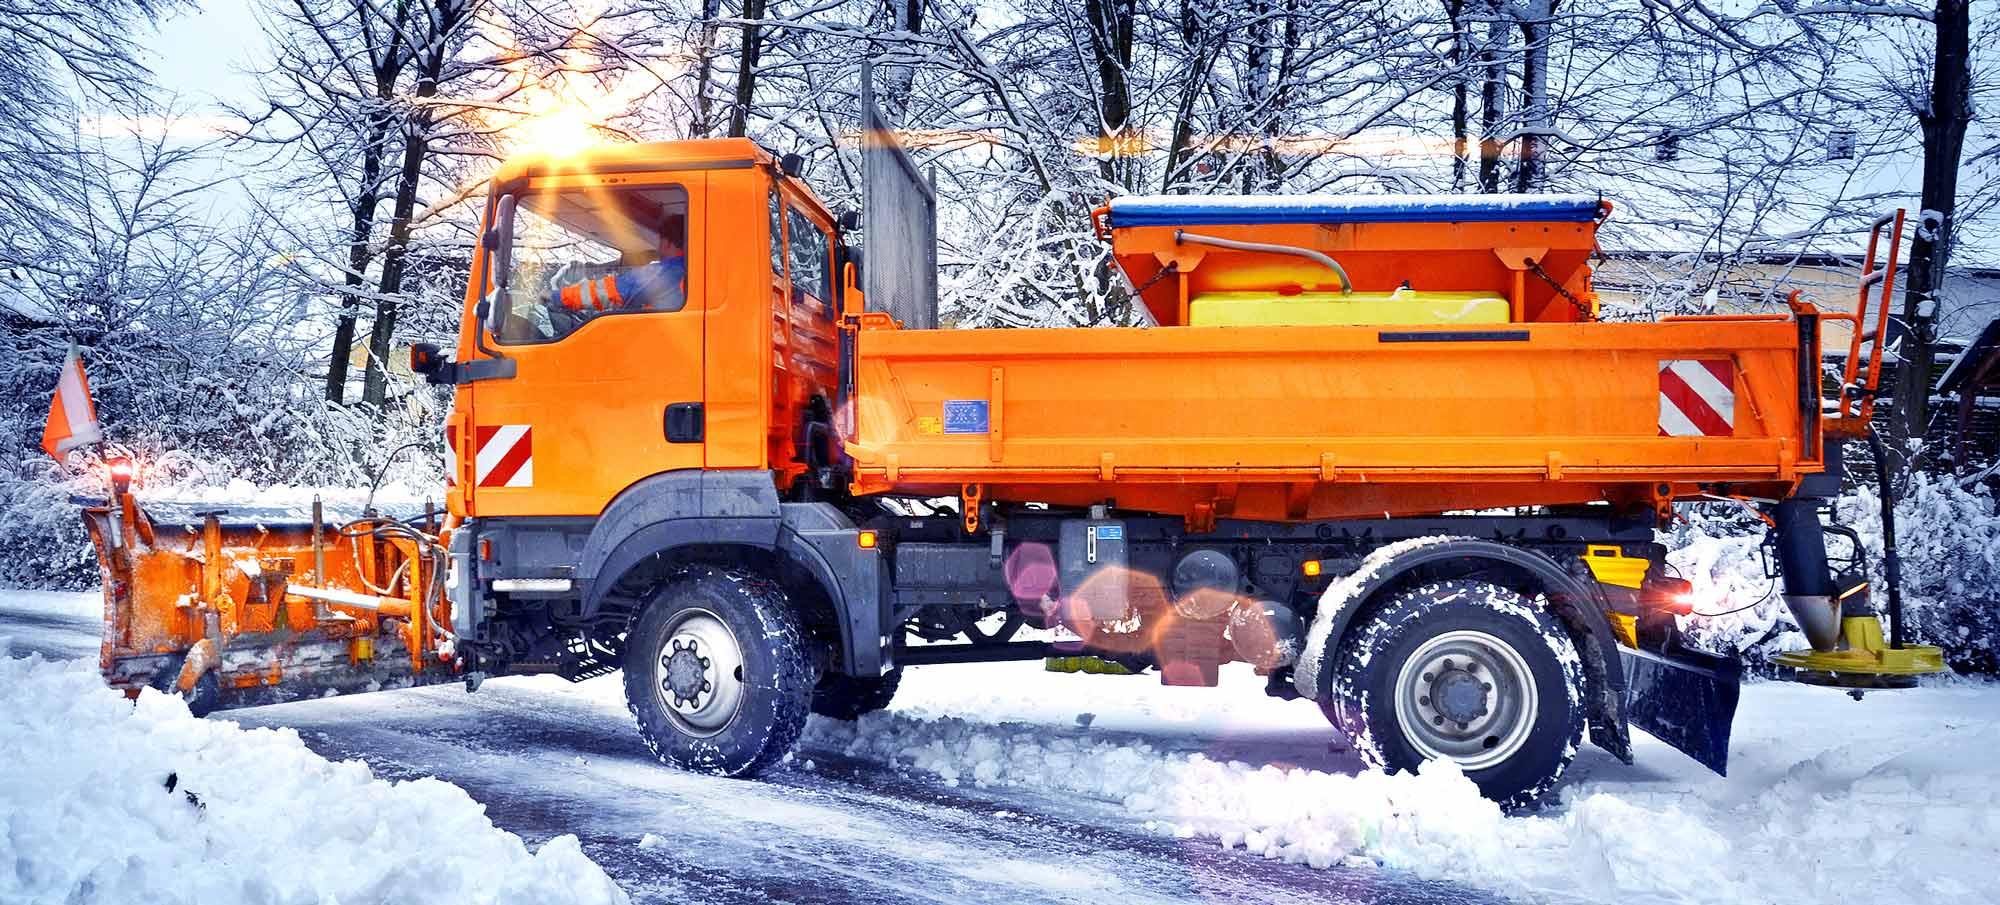 winterdienst-schnee-raeumen-schieben